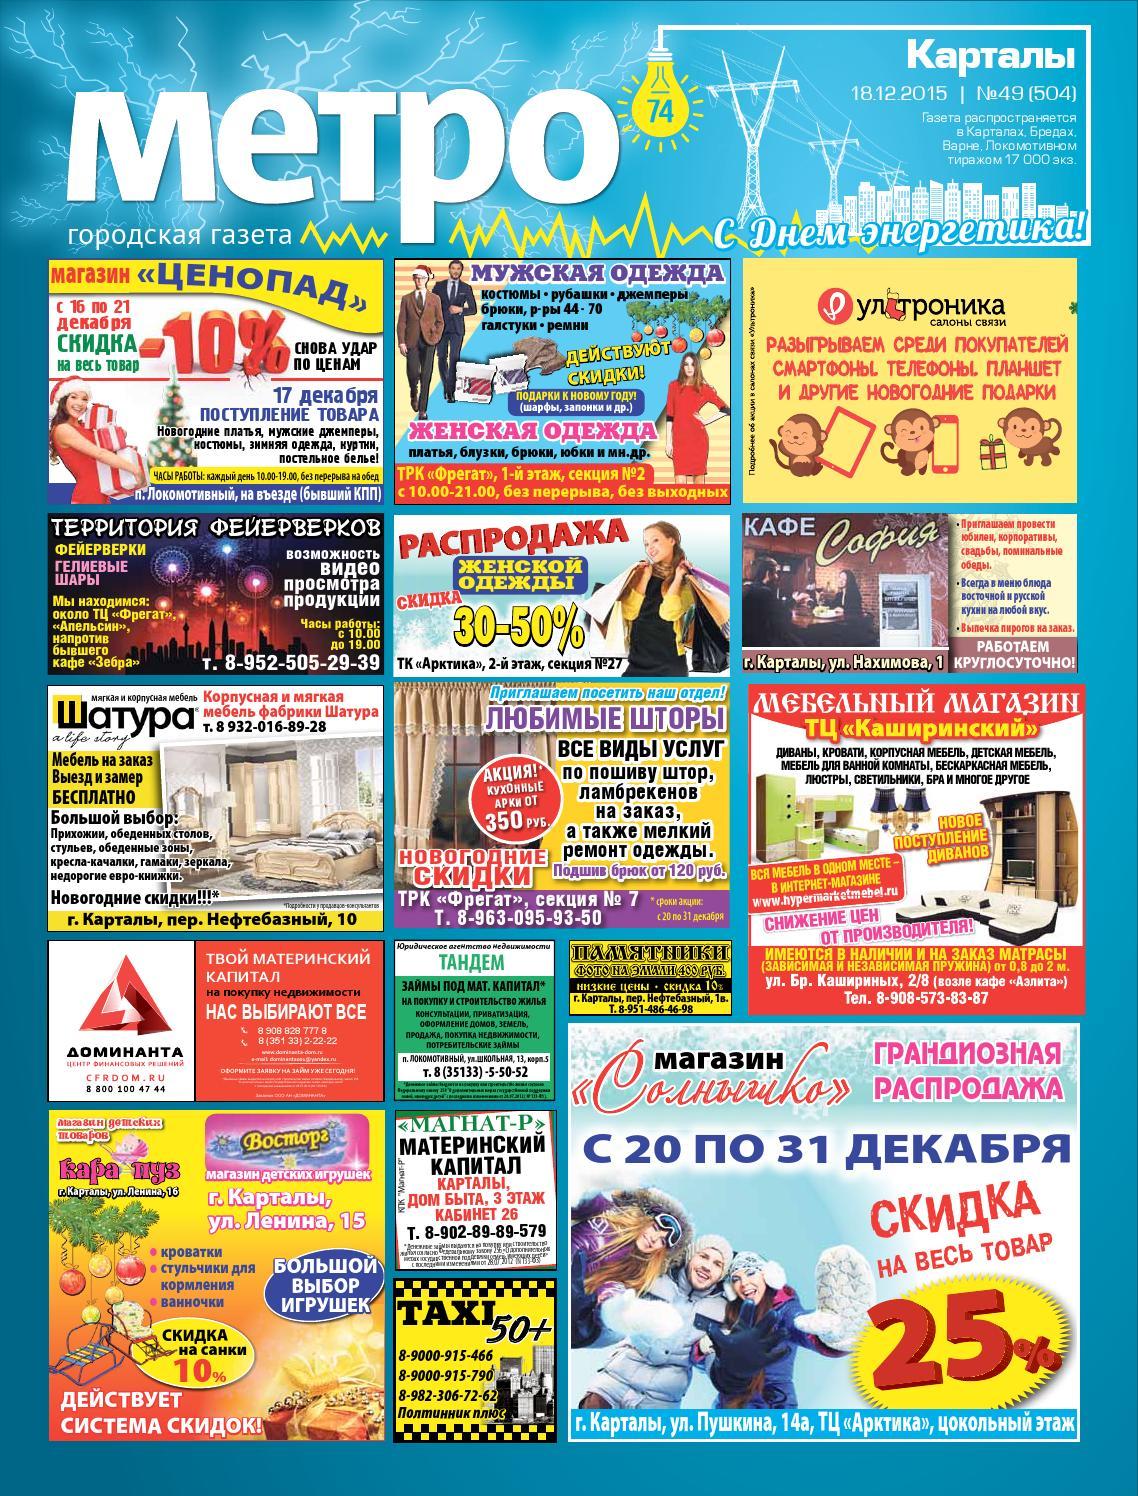 погода карталы на неделю вперёд газпромбанк кострома официальный сайт потребительский кредит калькулятор